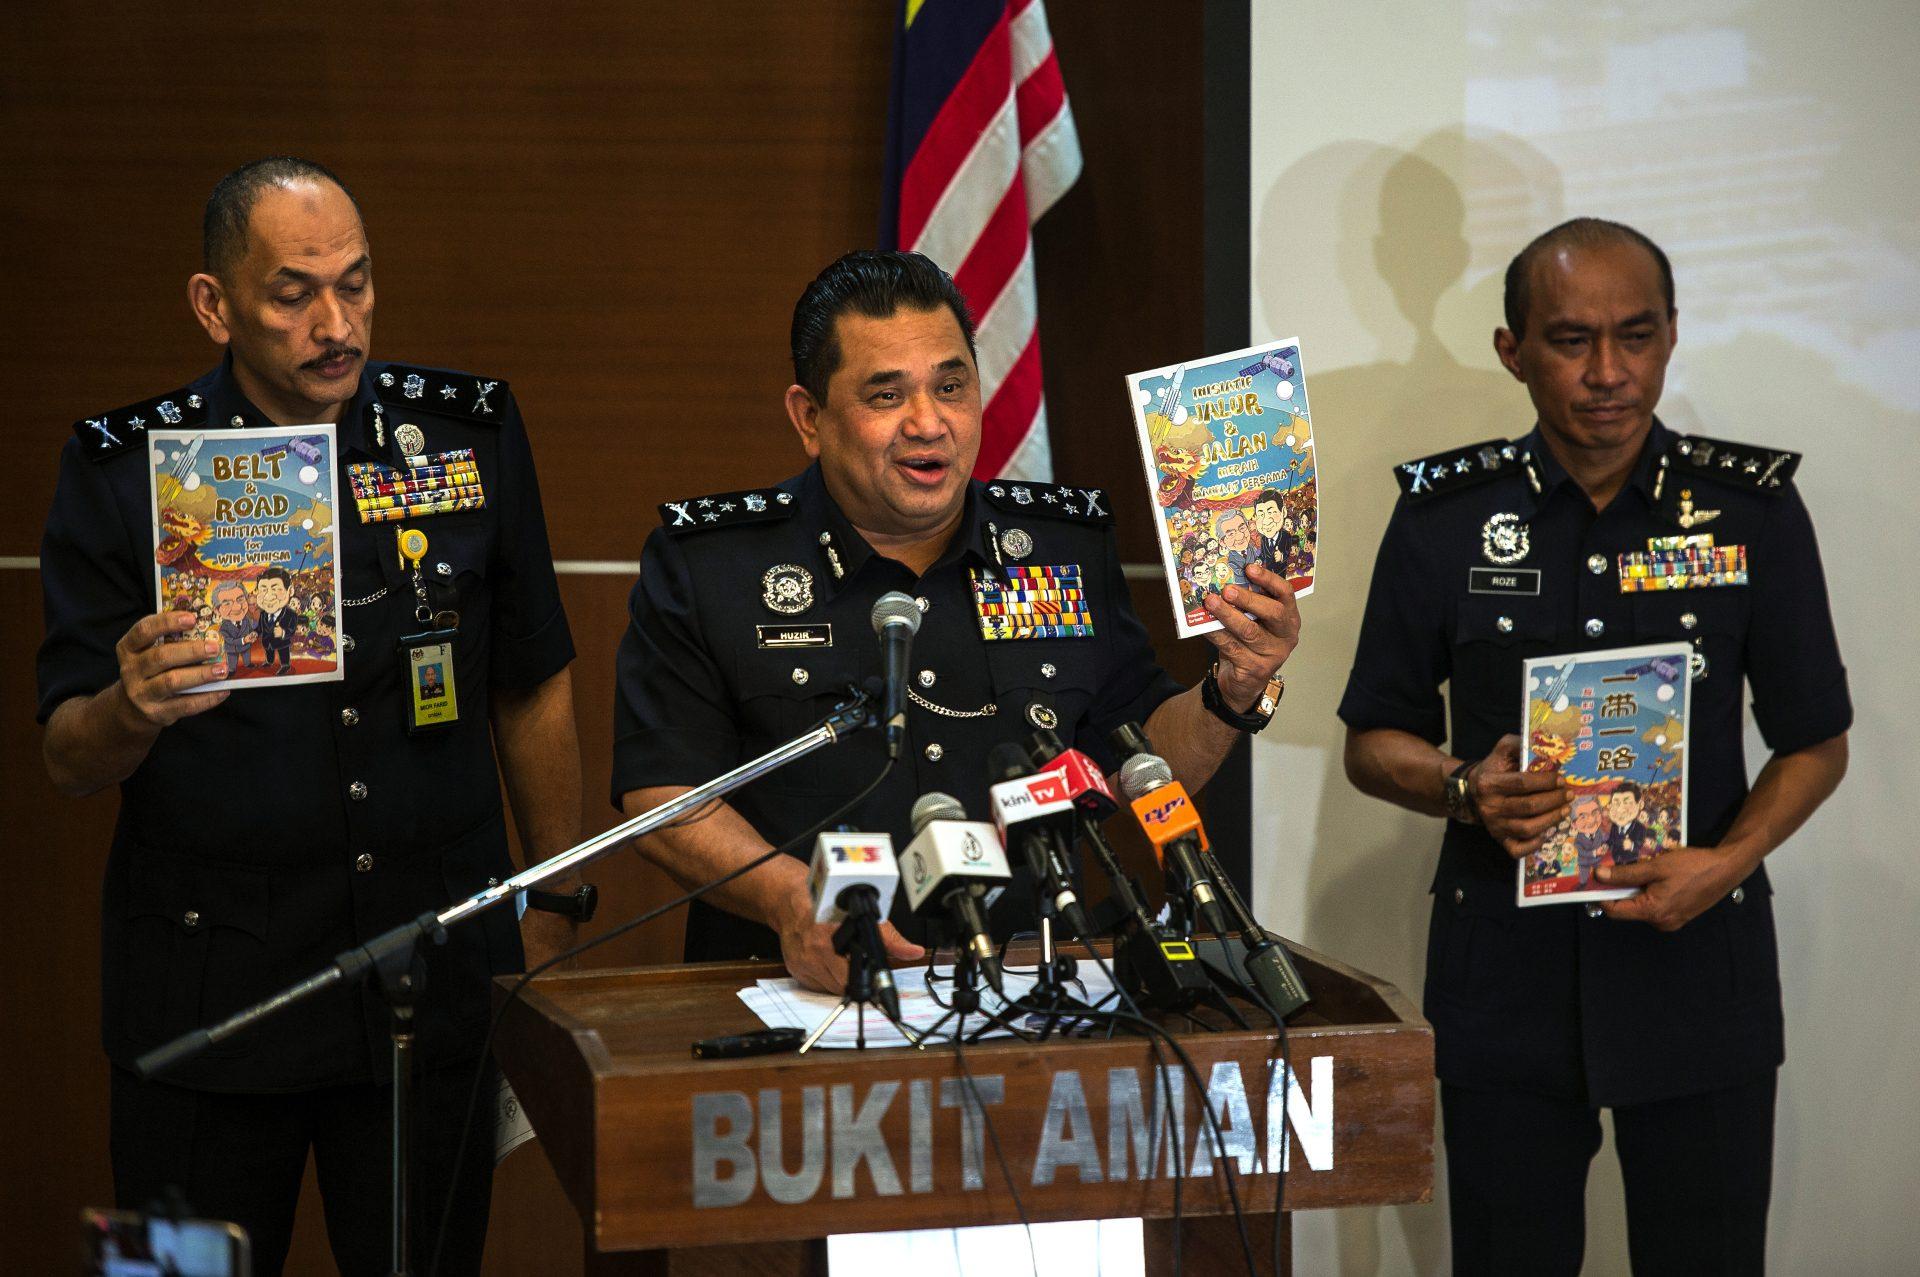 """ماليزيا تحظر رسميًّا كتاب """"سوبرمان هيو"""" الهزلي المؤيد للصين"""